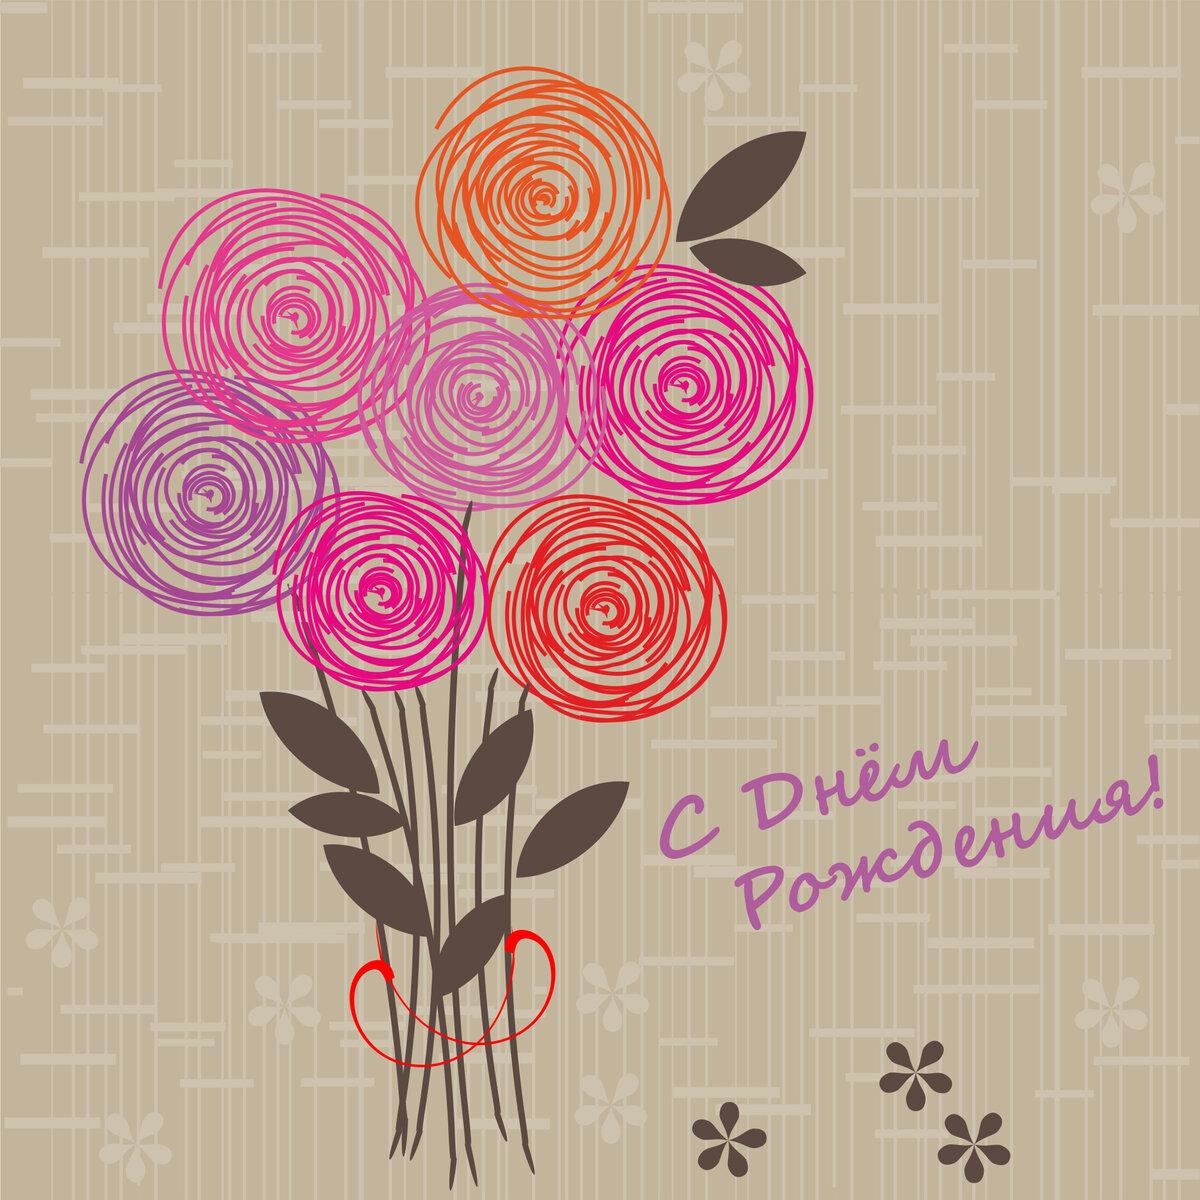 Веселые открытки к дню рождения женщине, класса надписями